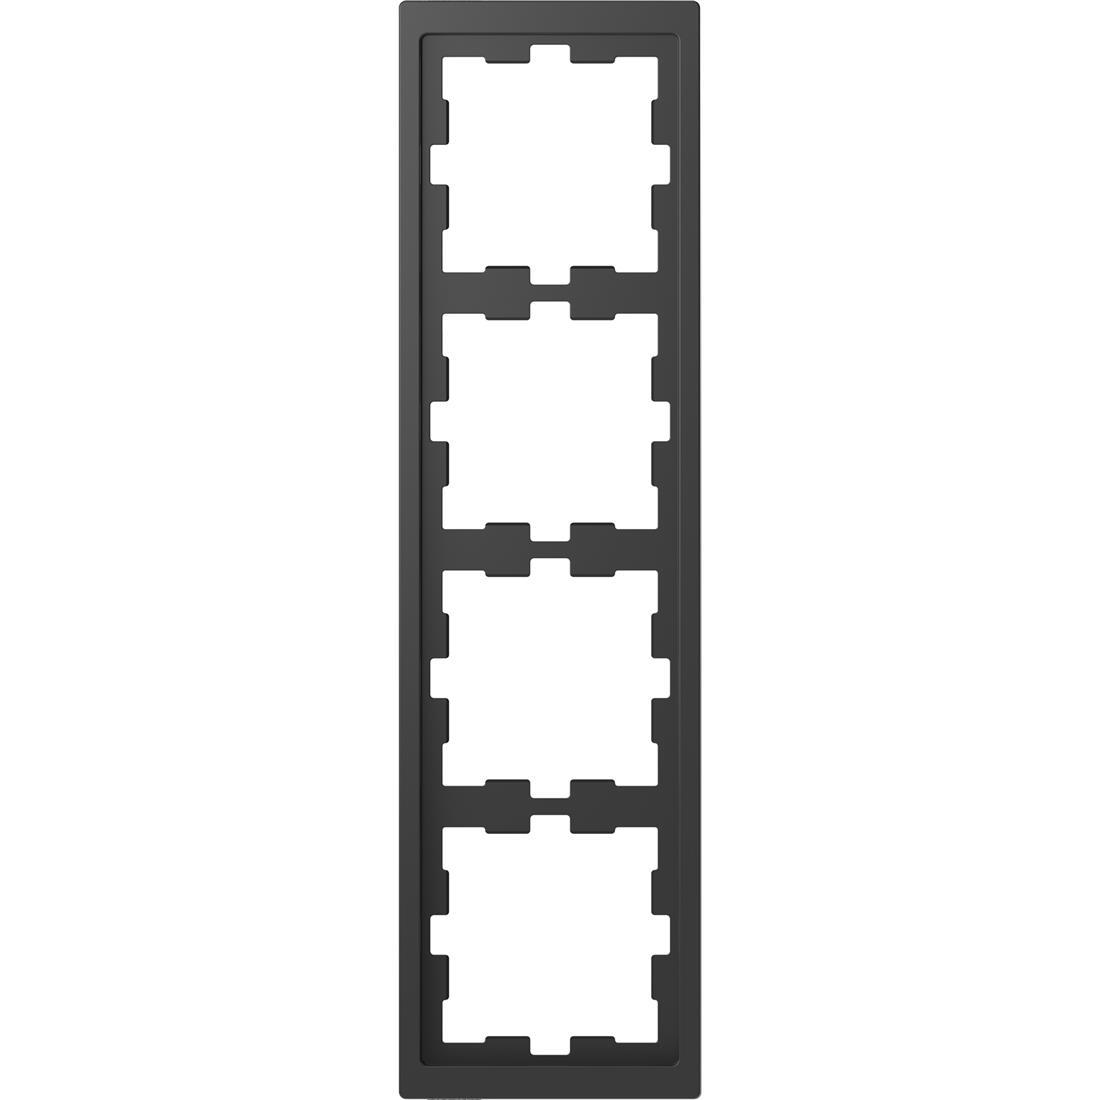 Schneider-Merten D Life afdekraam 4-voudig - antraciet (MTN4040-6534)